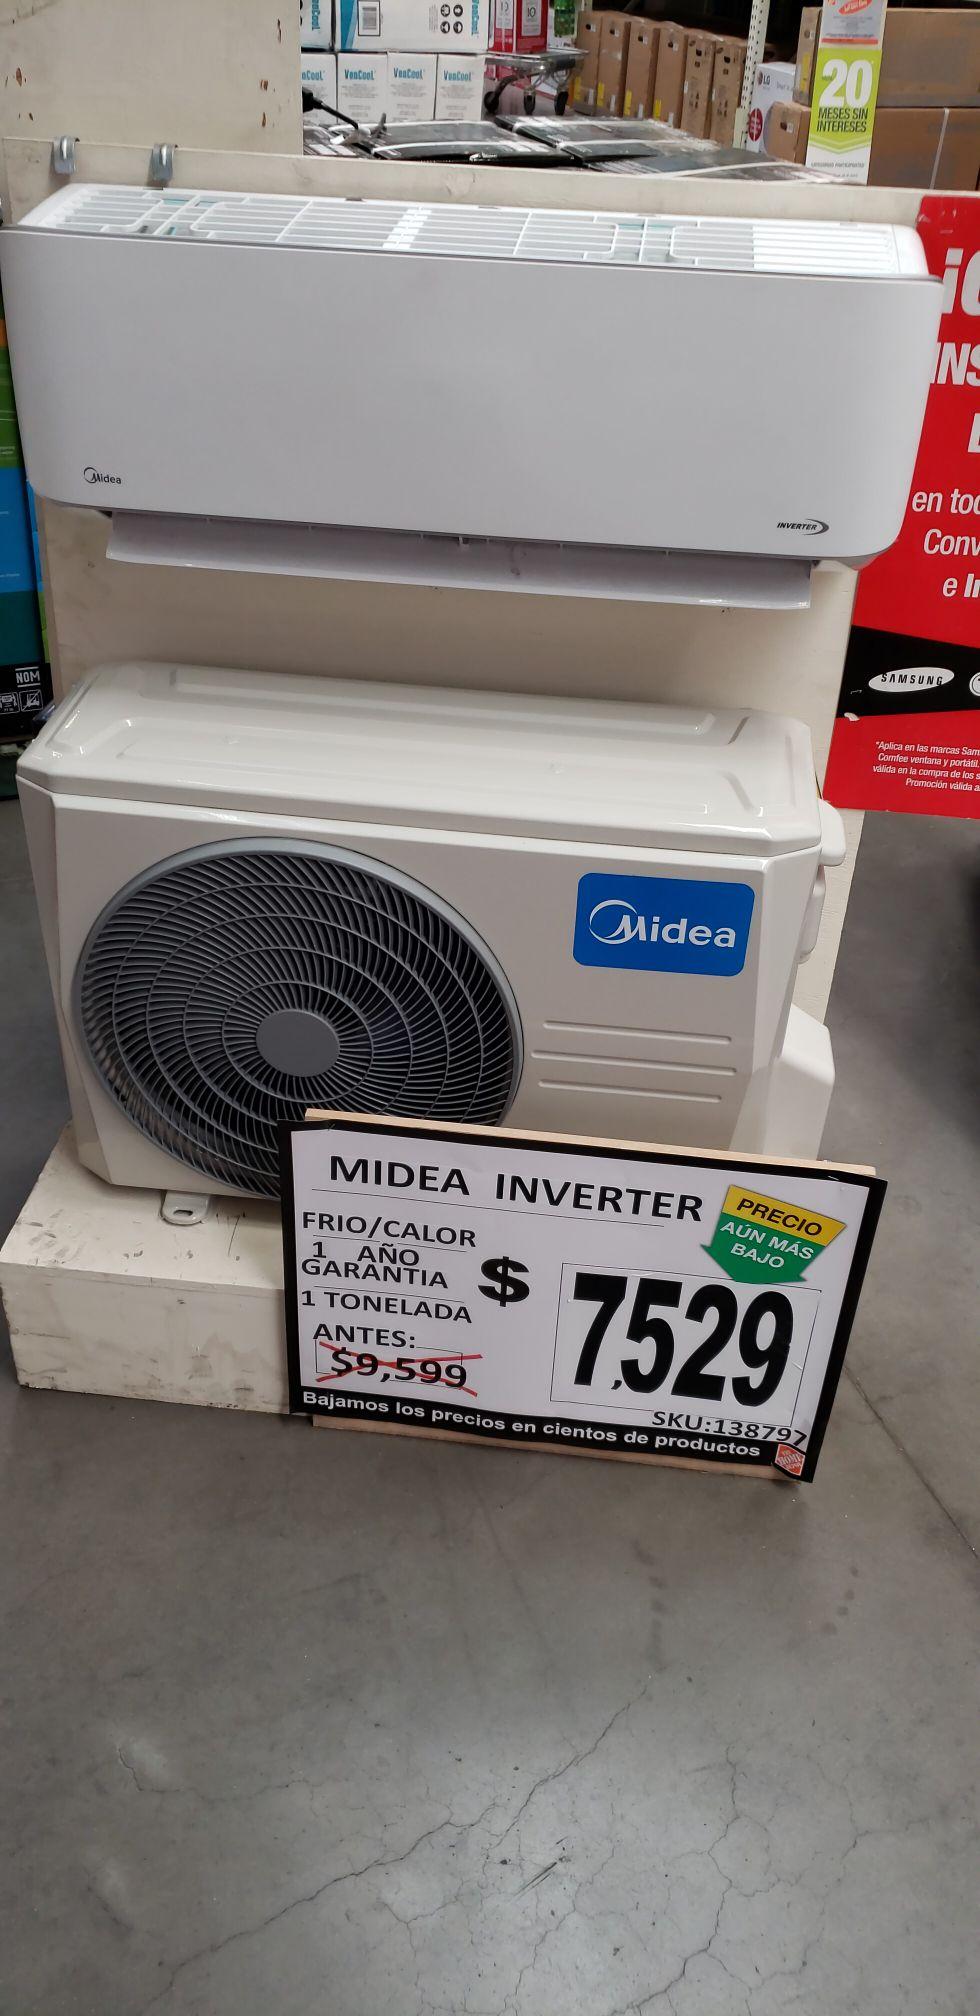 Home Depot: Aire acondicionado Inverter Frío/Calor Midea